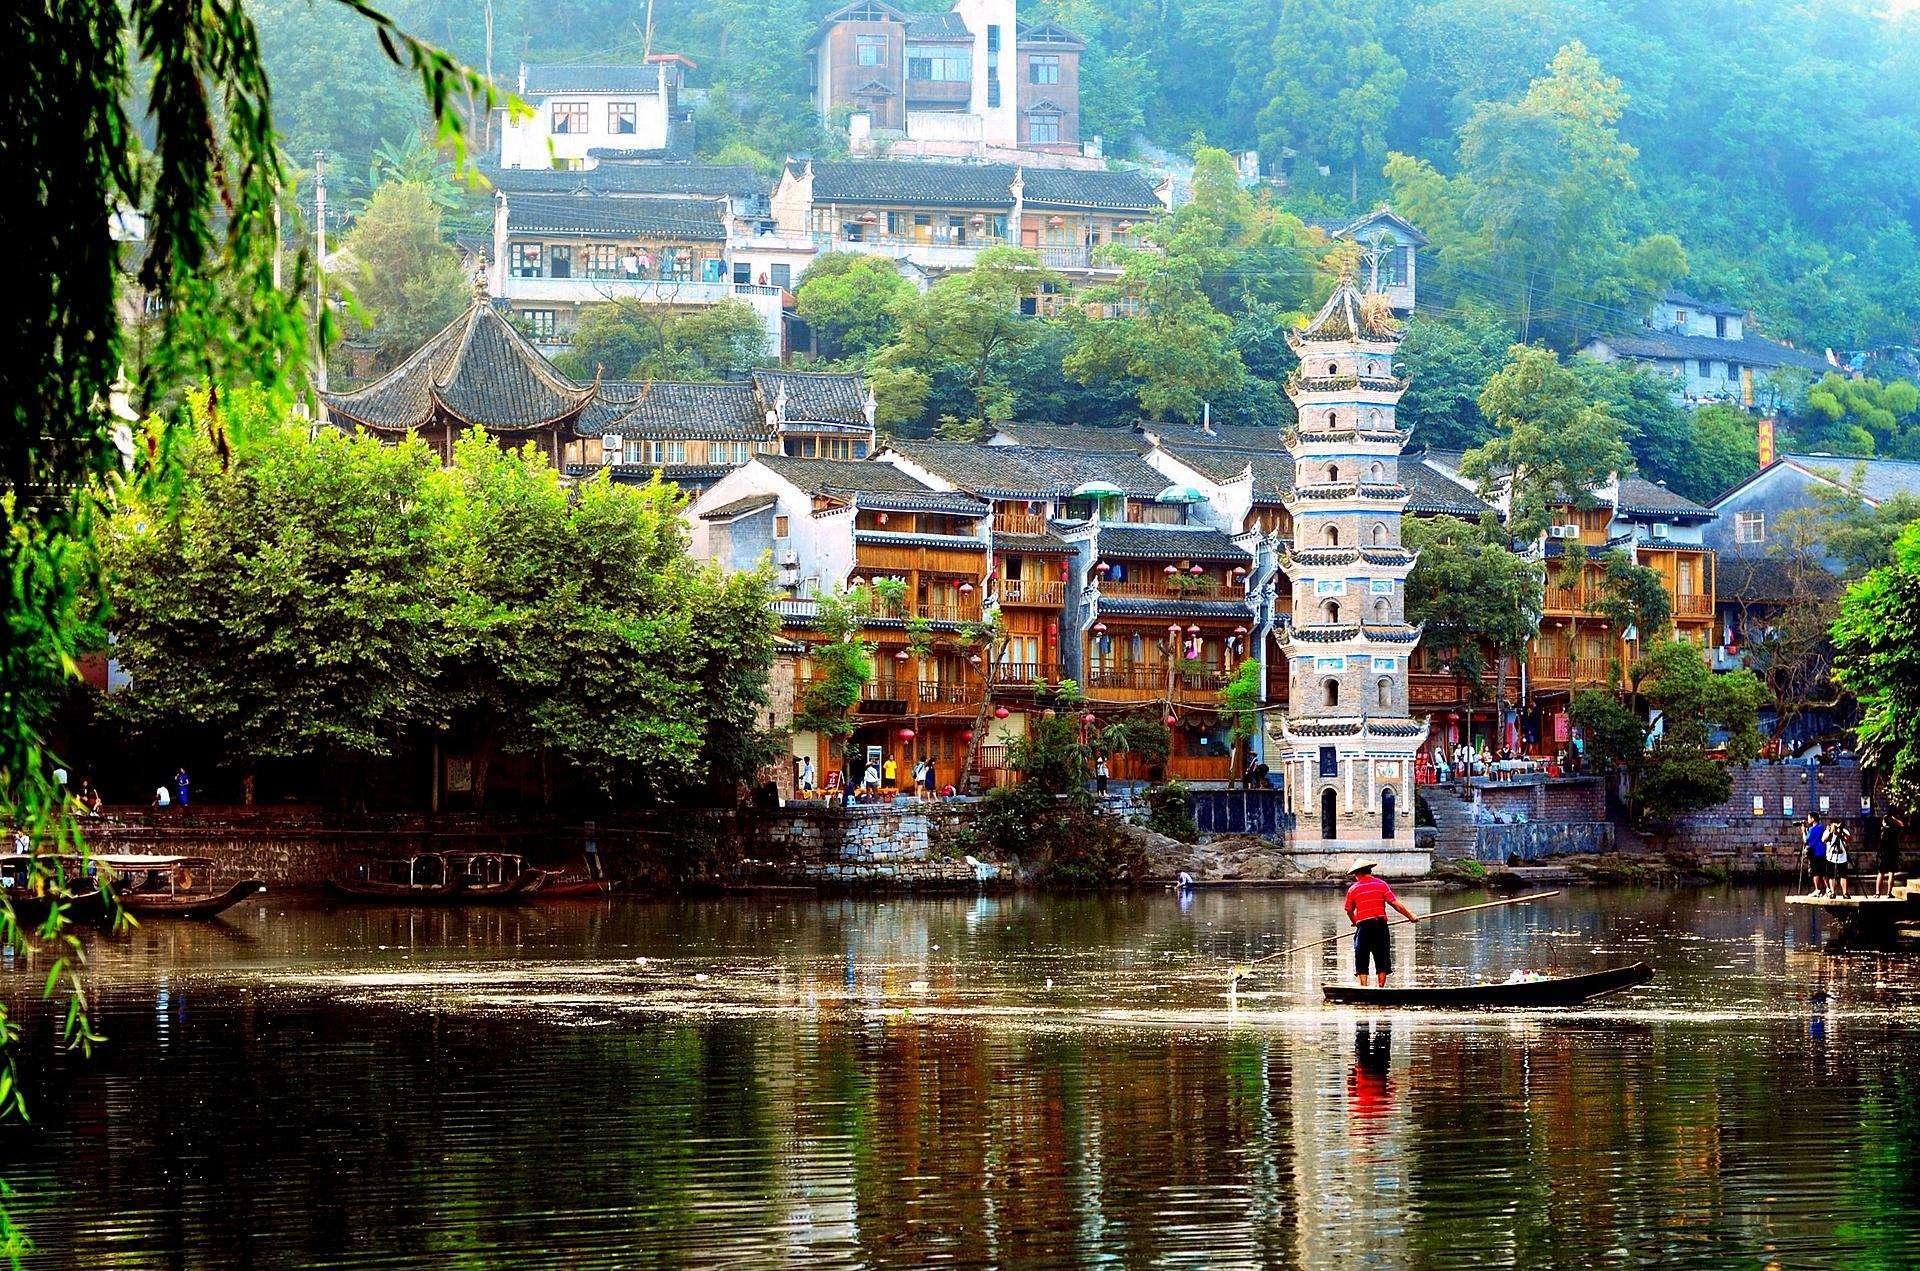 关于湖南省的5个事实,作为湖南人的你知道多少?